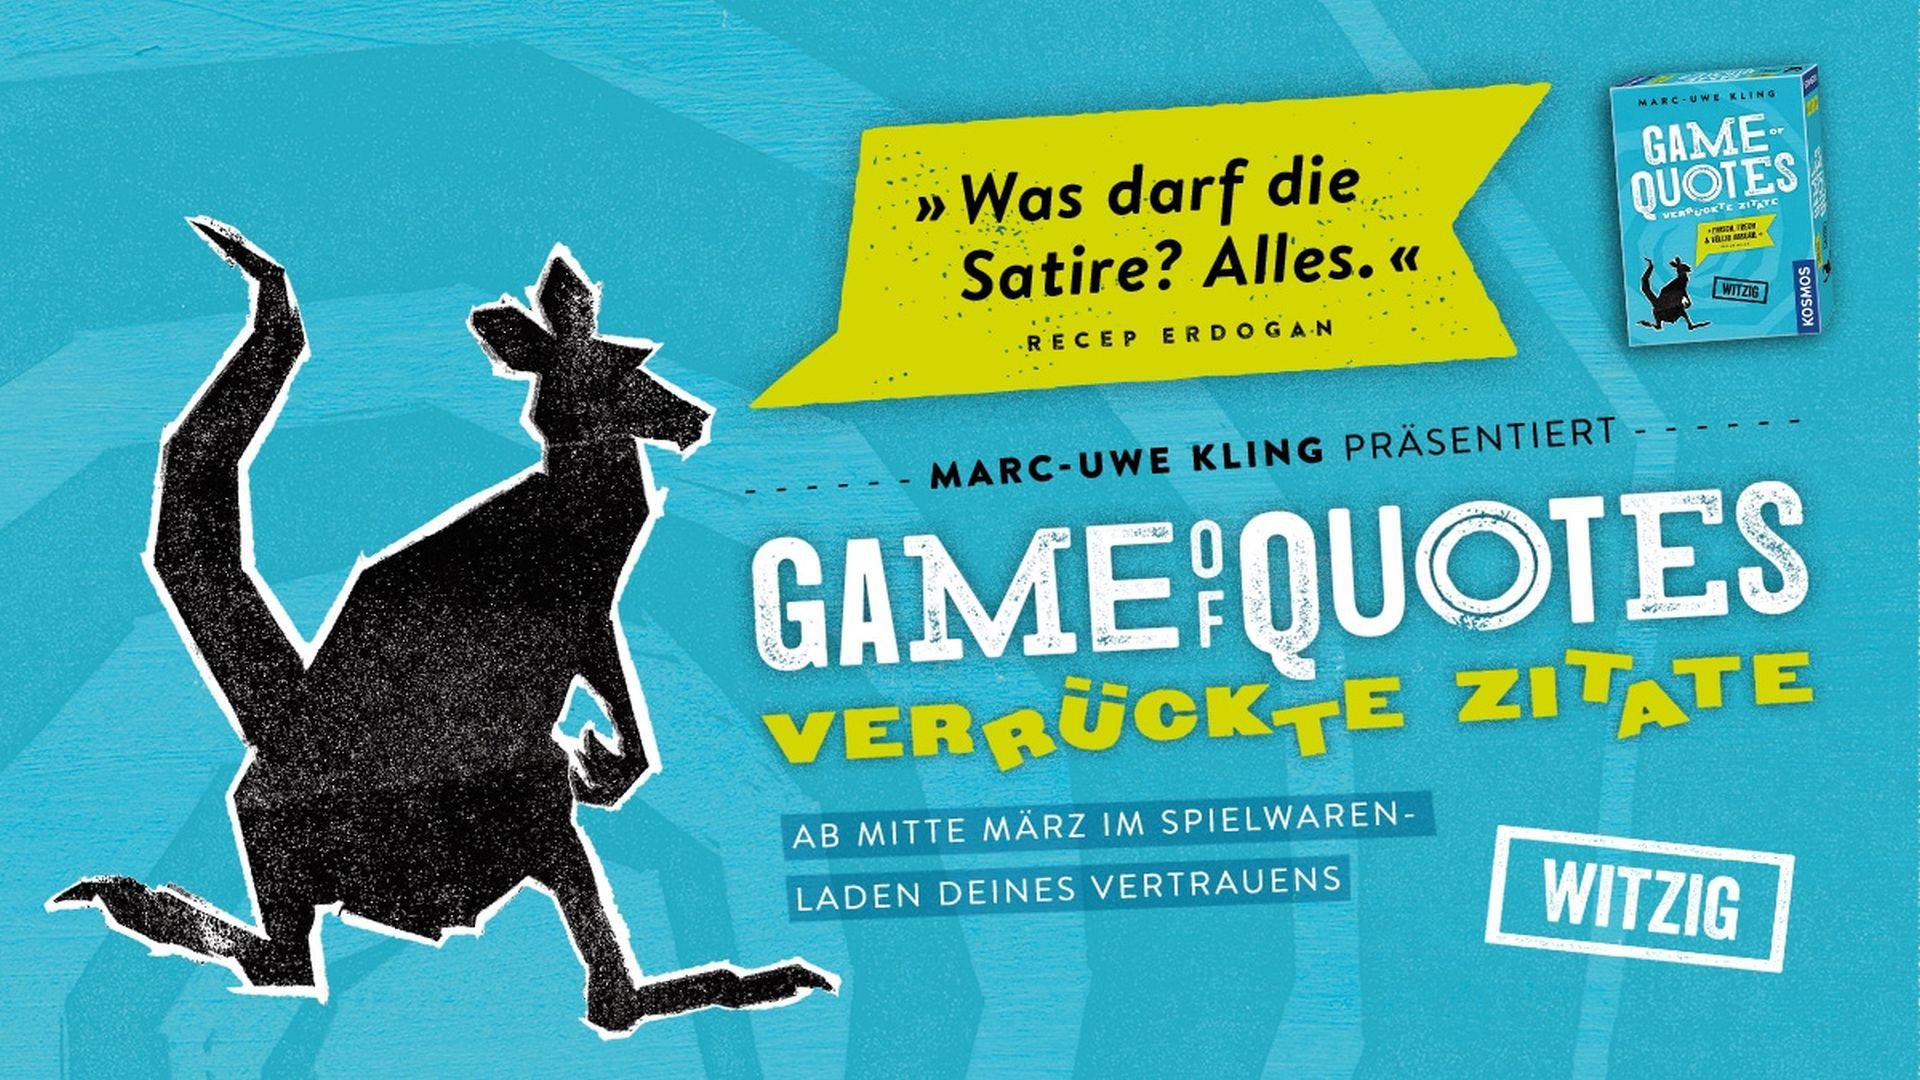 Kartenspiel-Tipp: Game Of Quotes